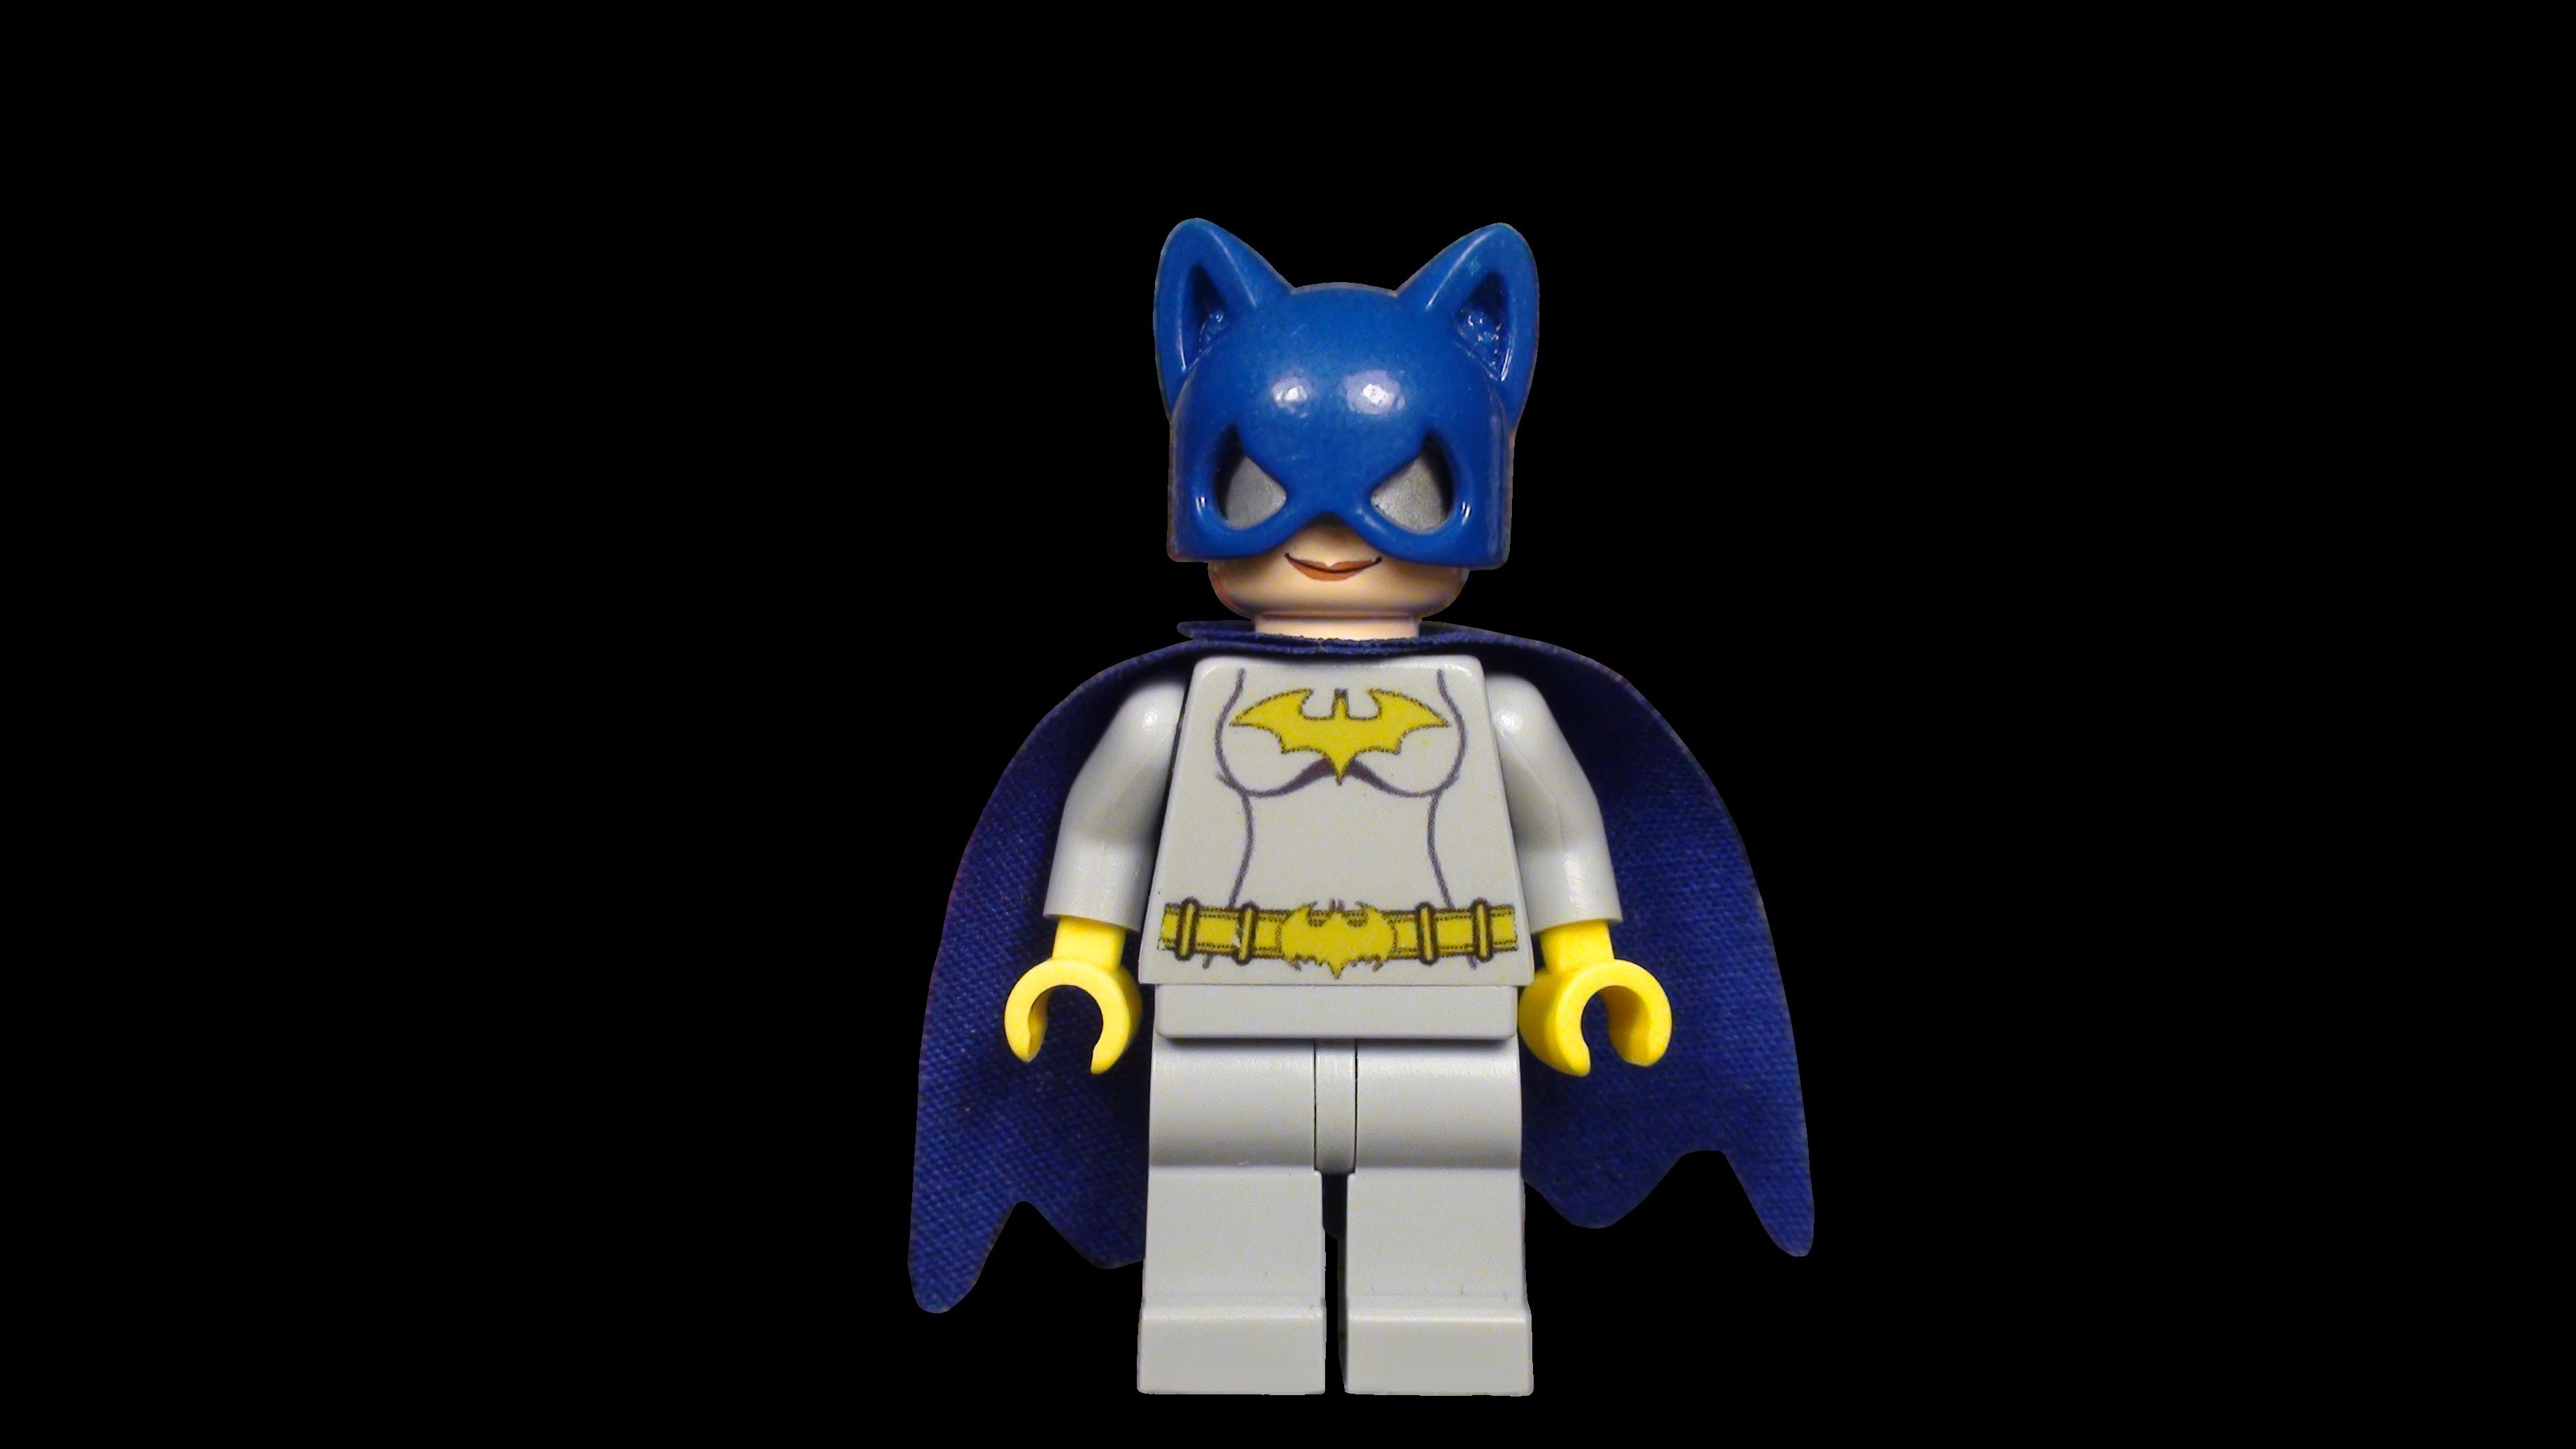 Image - Batgirl.png - Forrest Fire Films Wiki